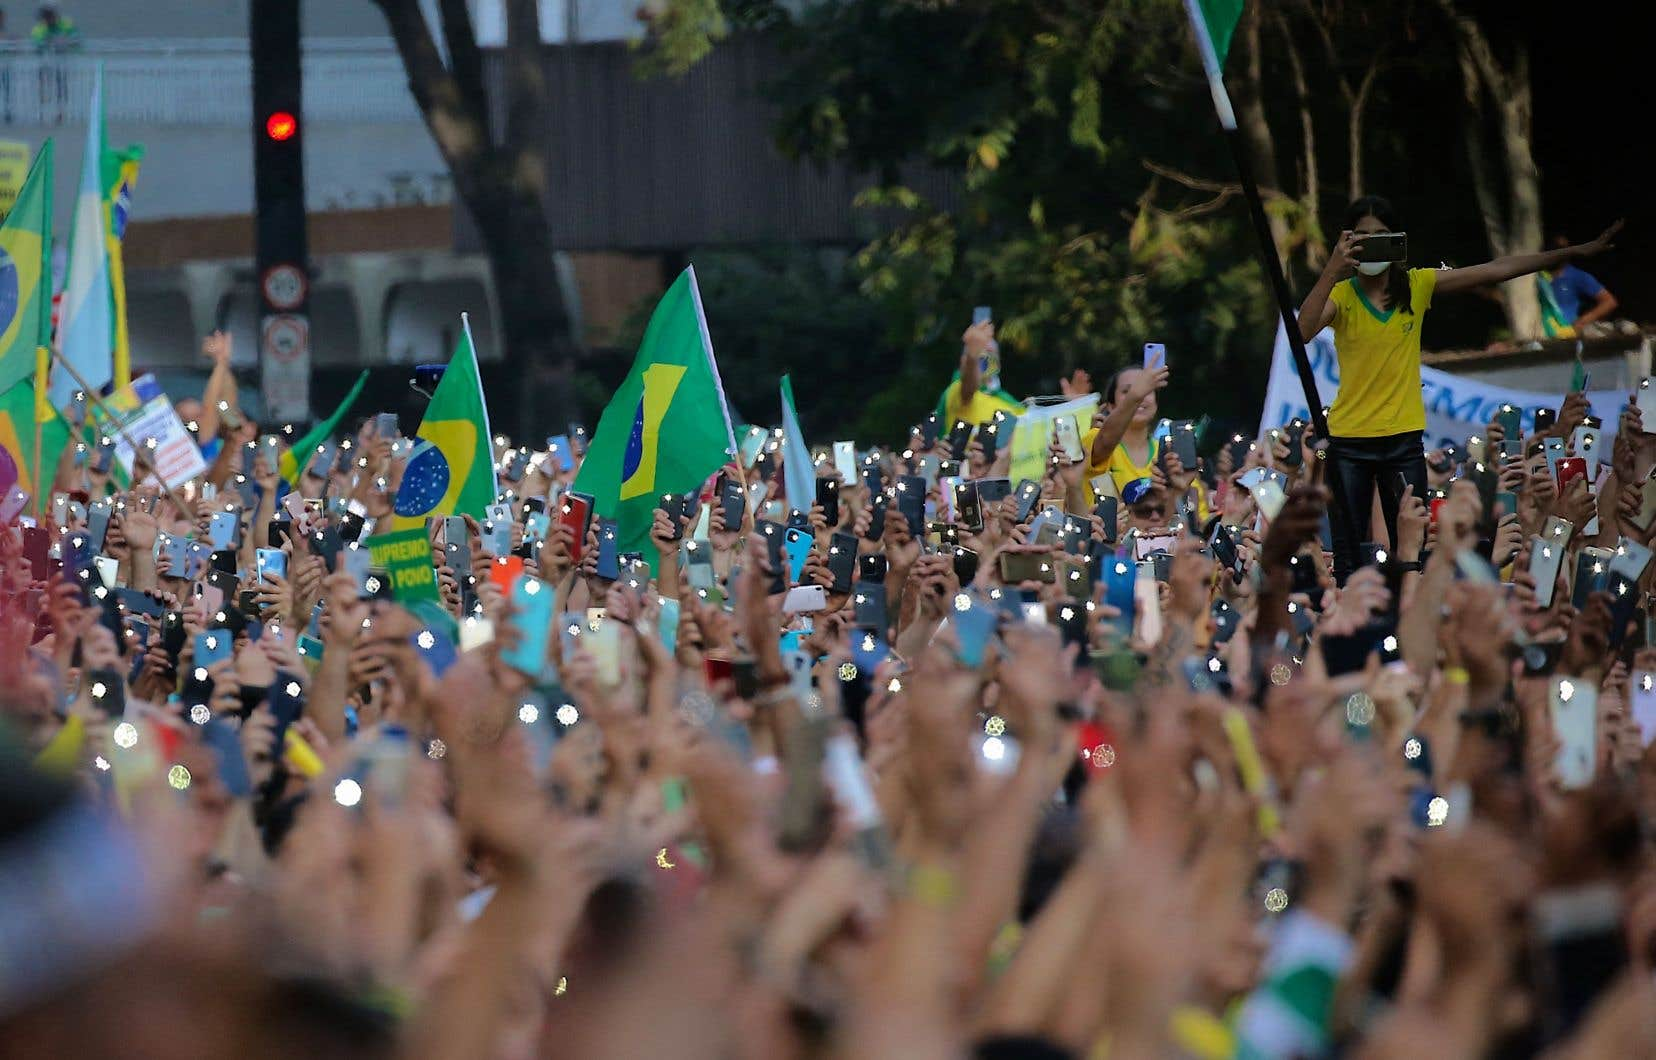 Des milliers de Brésiliens sont descendus dans les rues à travers le pays mardi pour apporter leur soutien au président Bolsonaro à l'occasion de la fête nationale du Brésil.